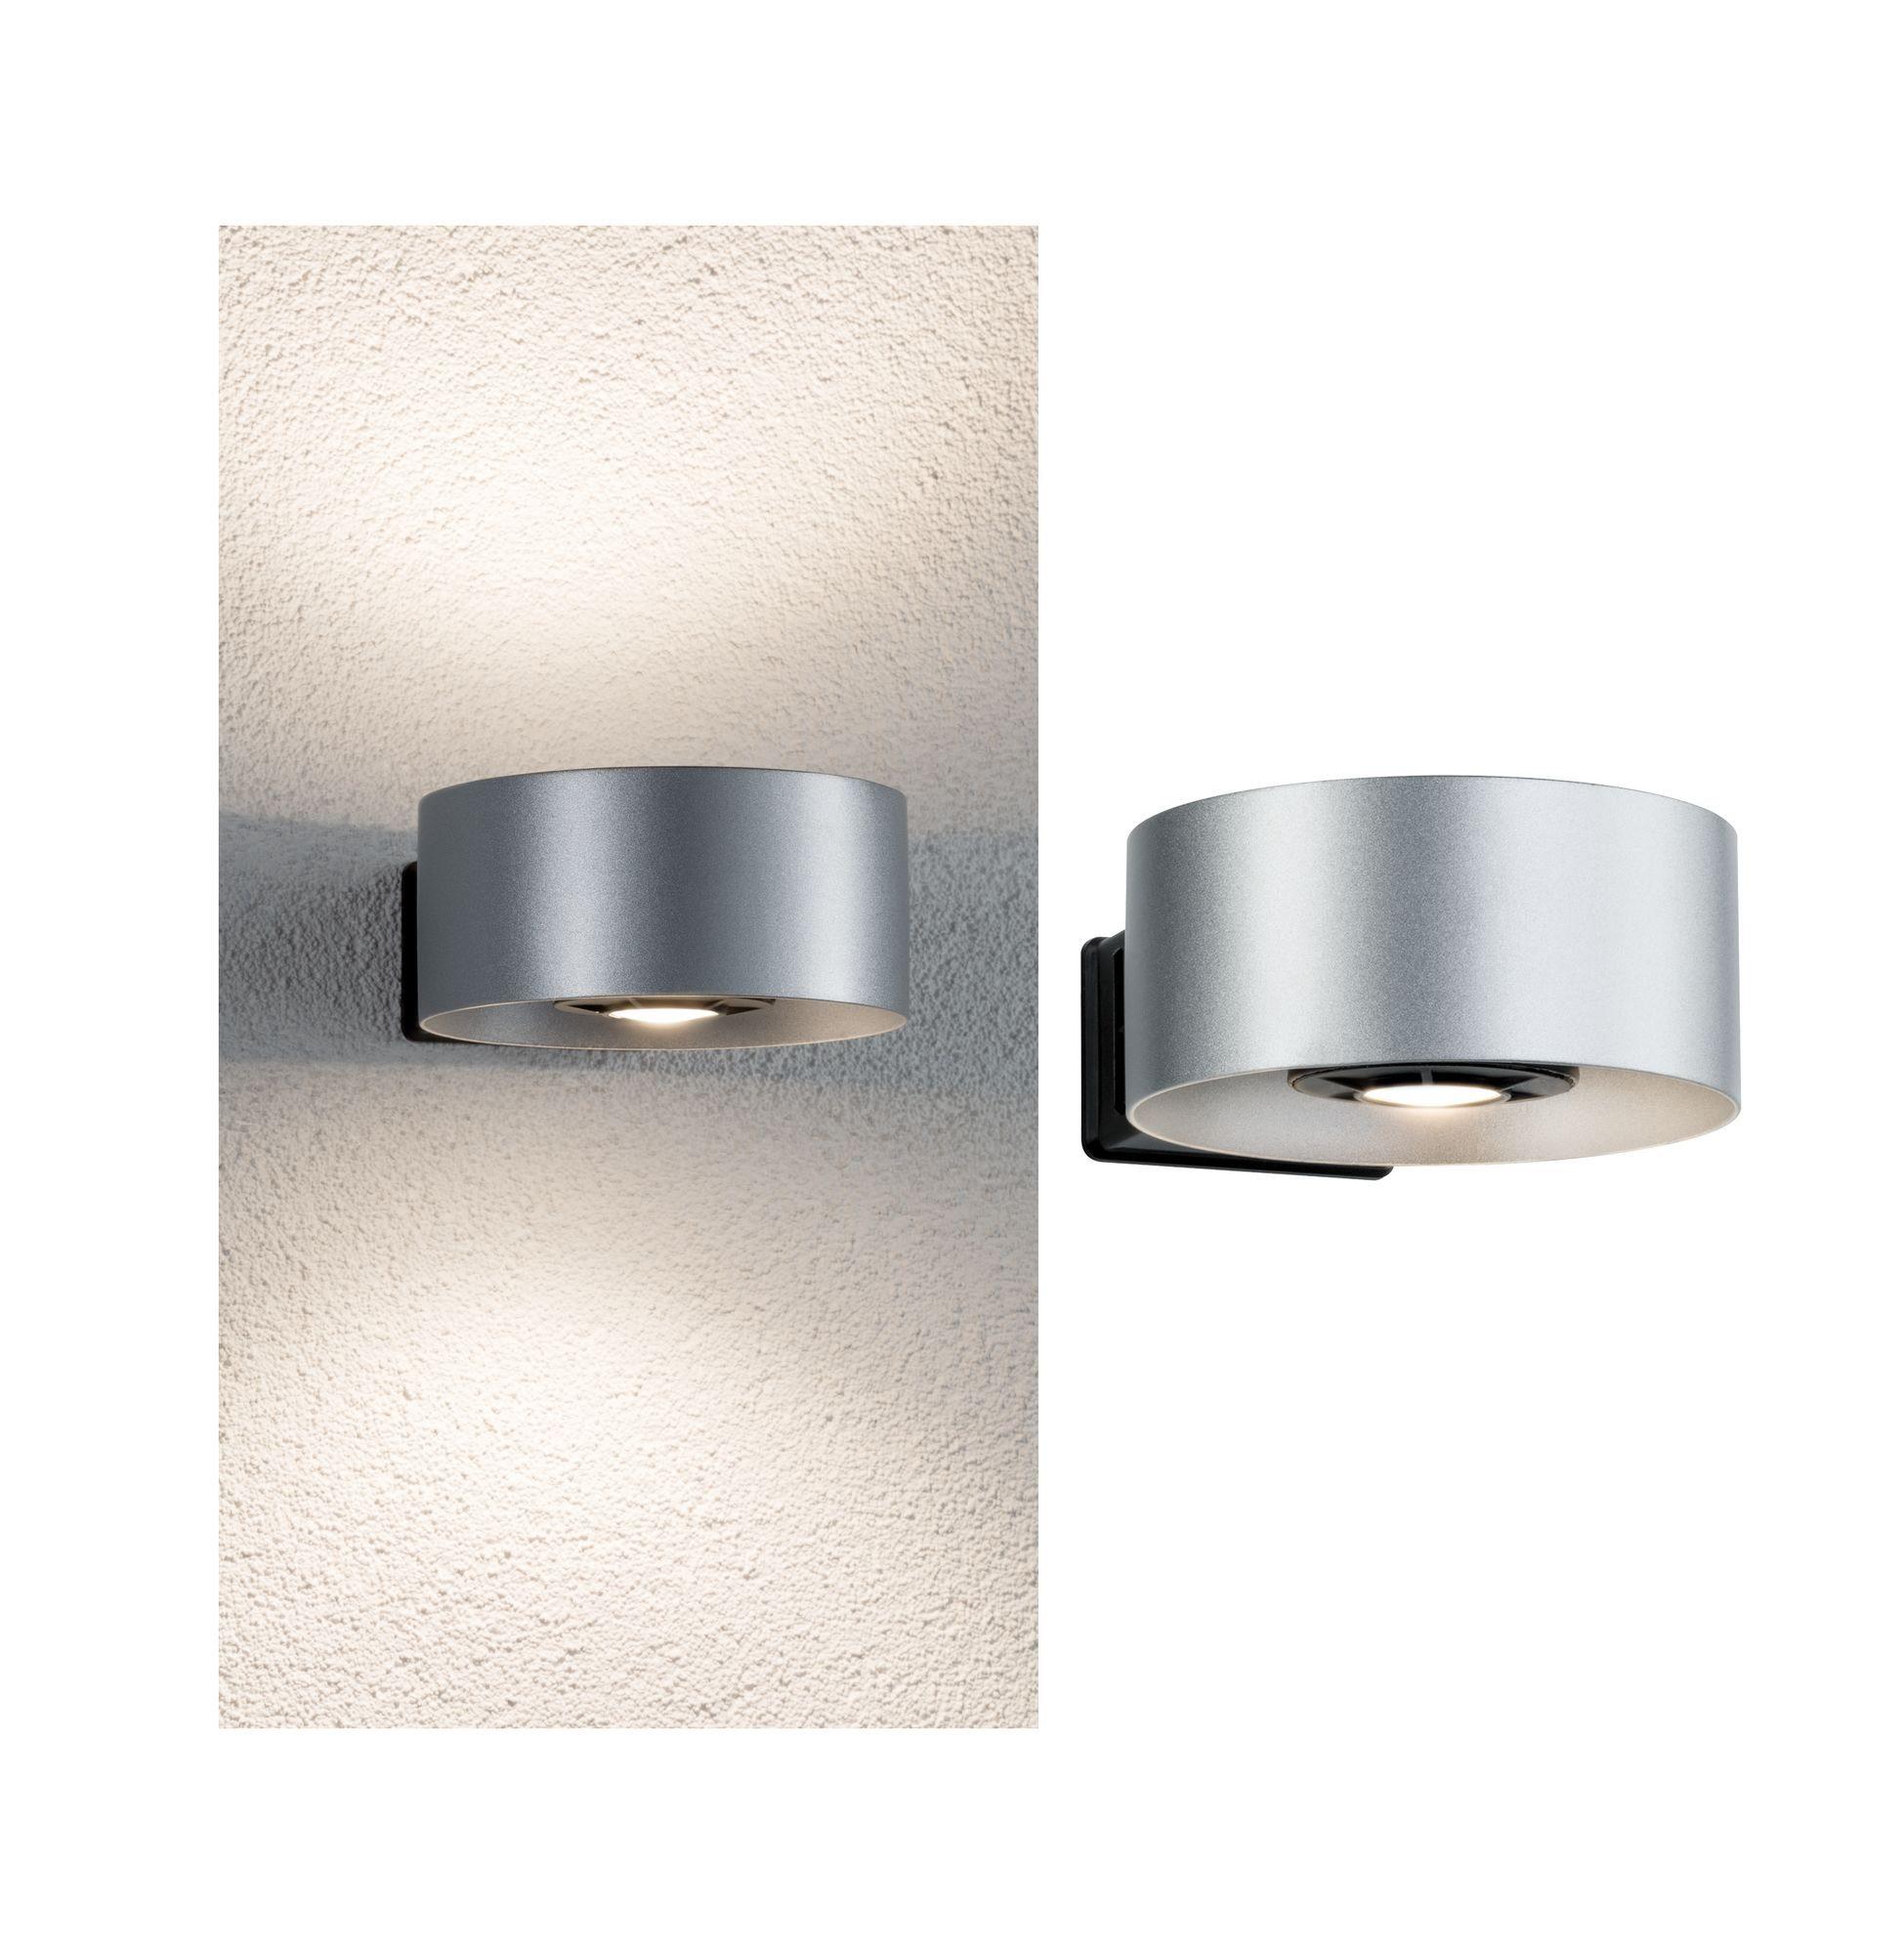 Paulmann LED Außen-Wandleuchte Cone Silber/Anthrazit 2x6W, 1 St., Warmweiß